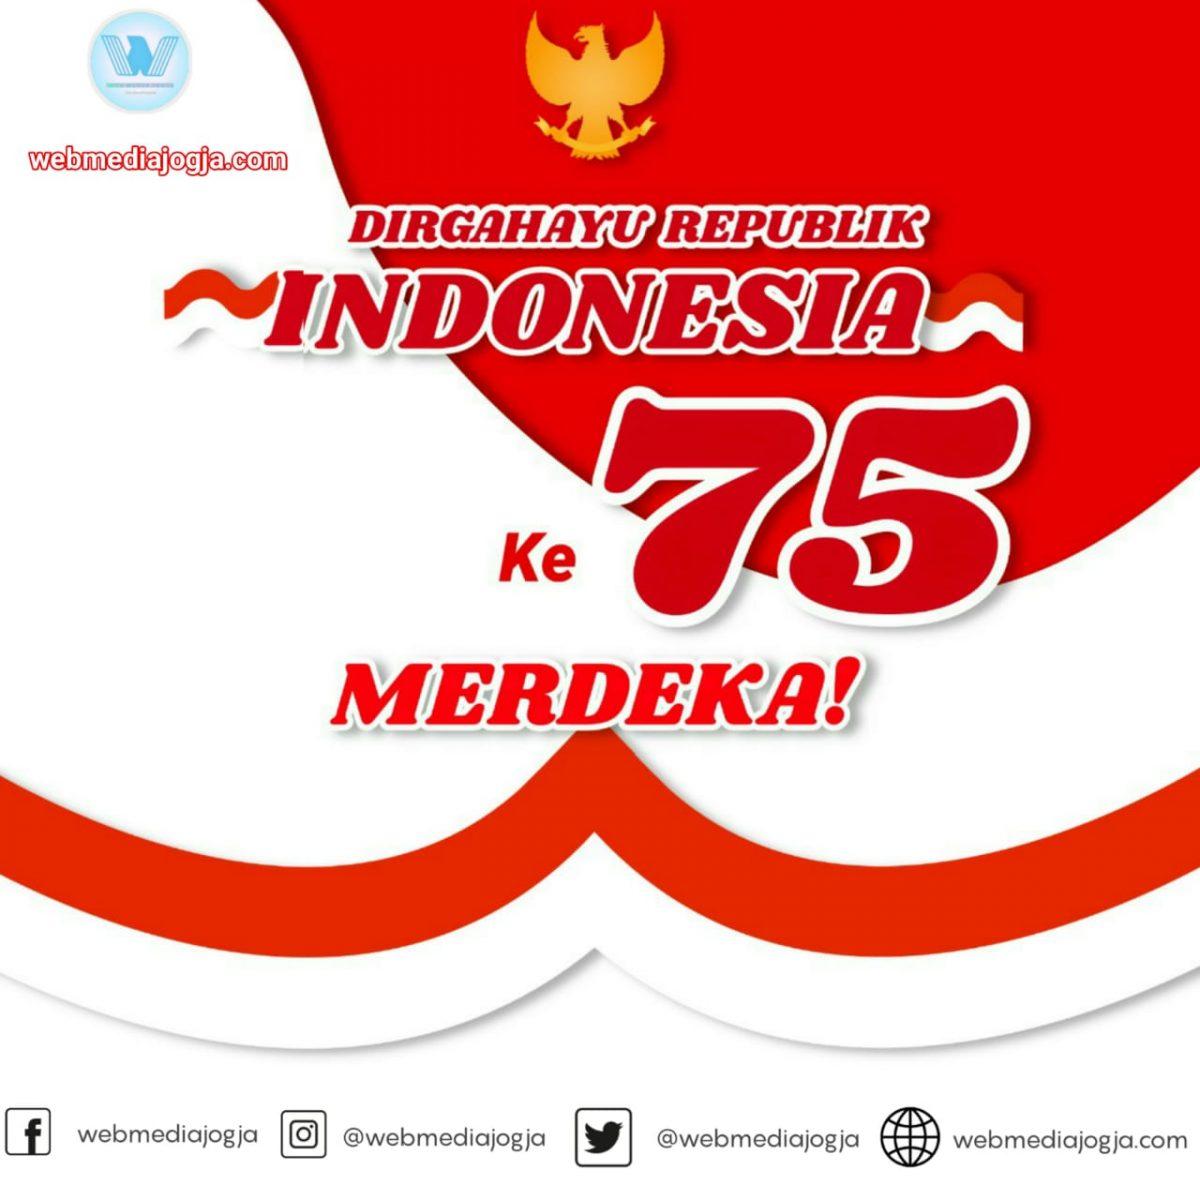 Peran Teknologi untuk Persiapan dan Penyebaran Informasi Kemerdekaan Republik Indonesia